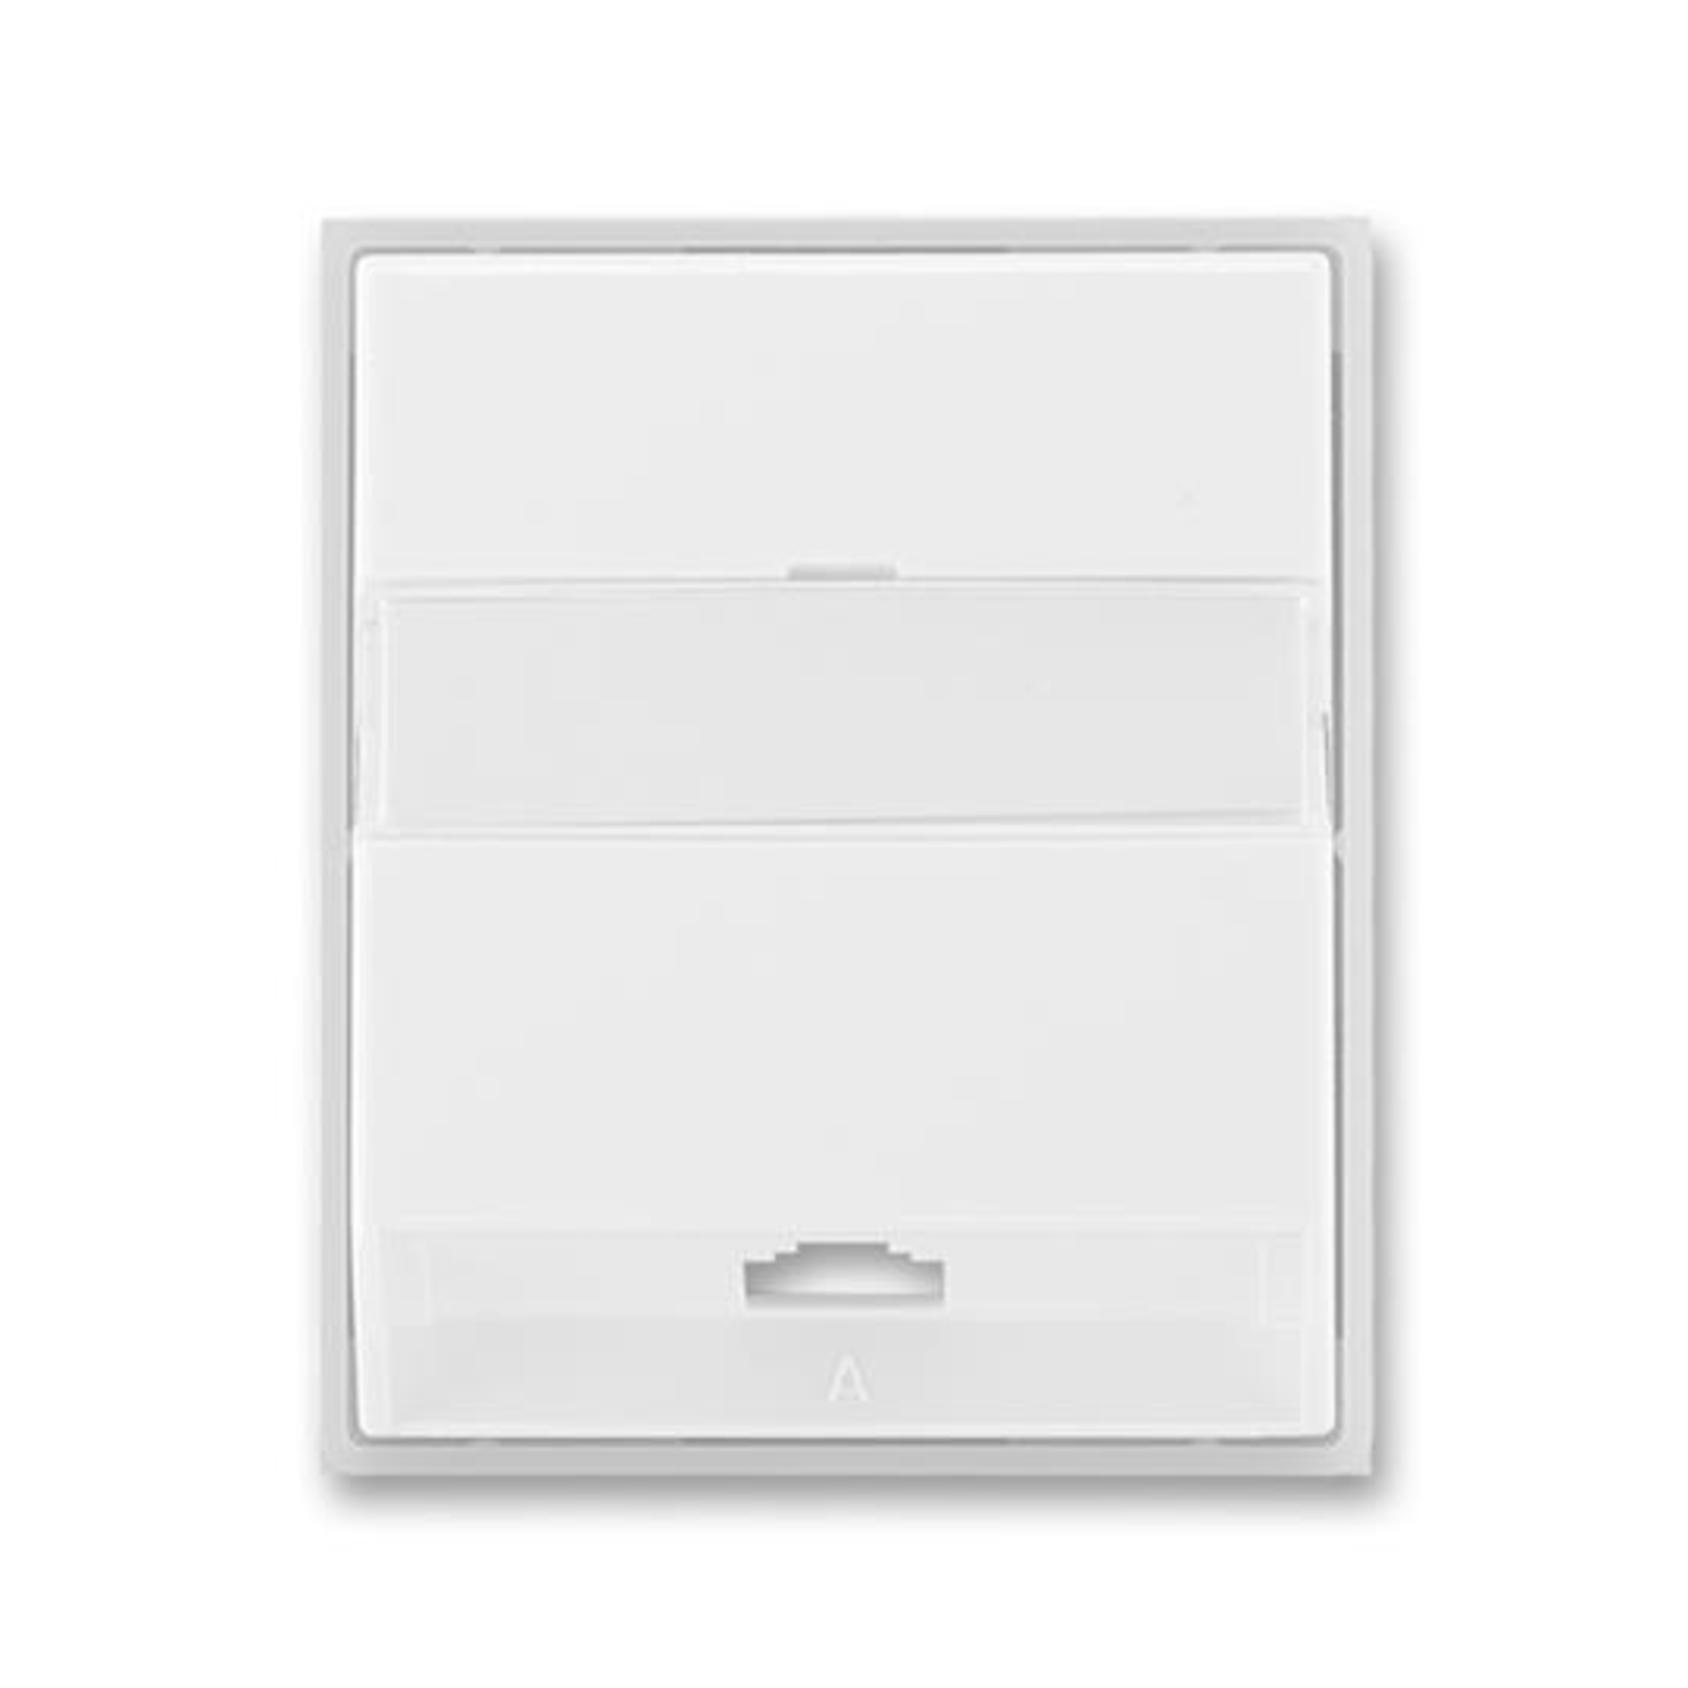 ABB 5013E-A00213 01 Element Kryt zásuvky telefonní, jednonásobné (pro přístroj 5013U)